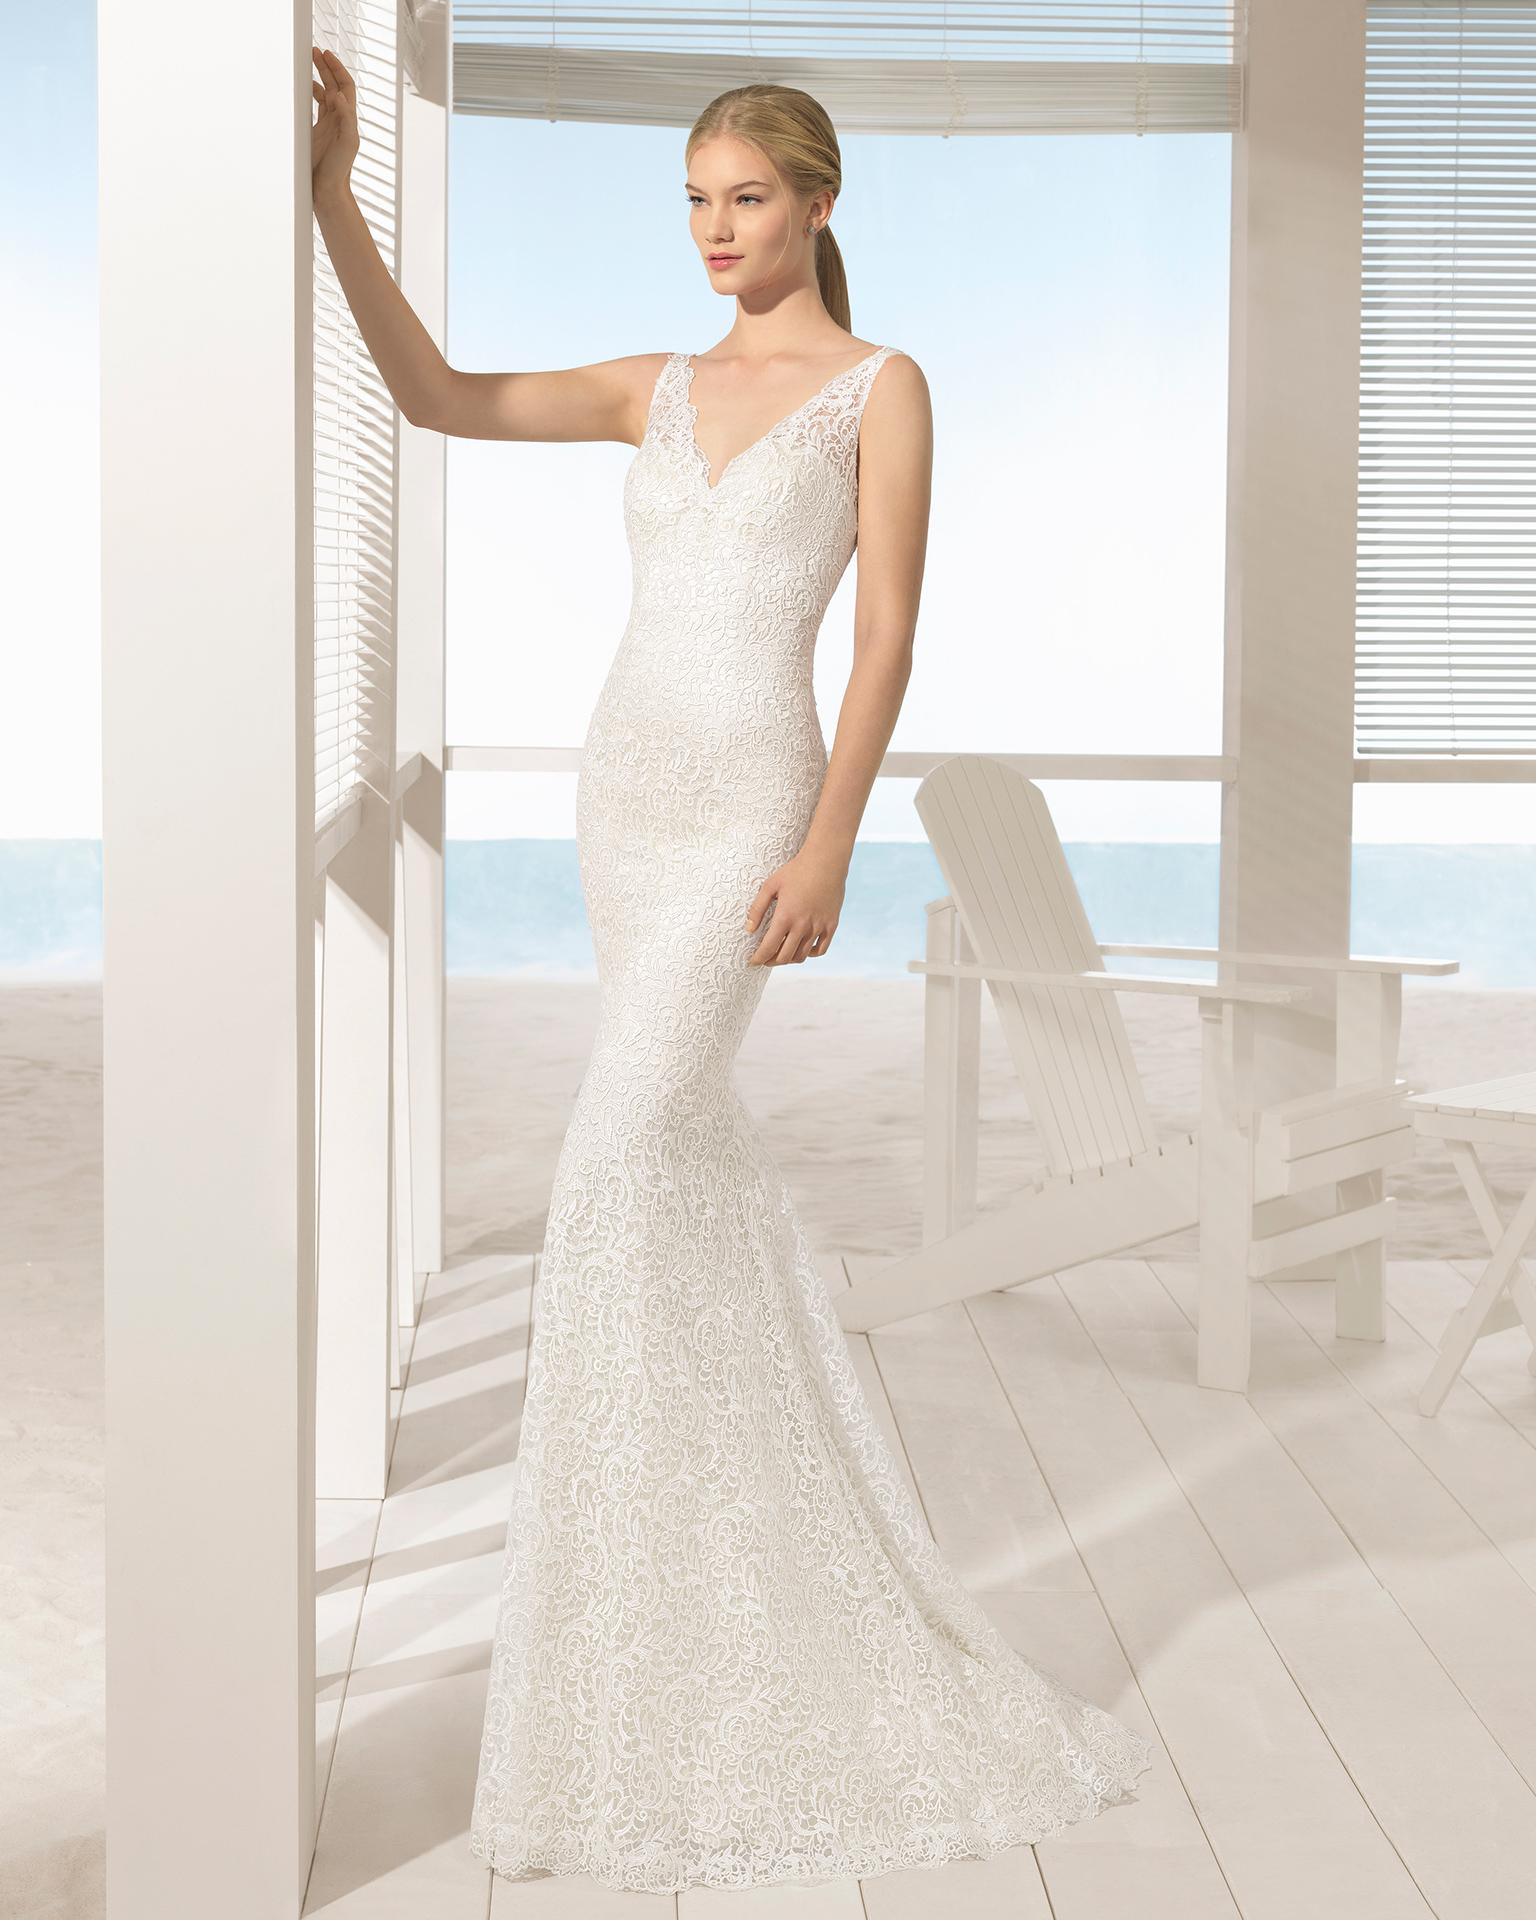 Robe de mariée style sirène en guipure avec décolleté dans le dos, de couleur ivoire.